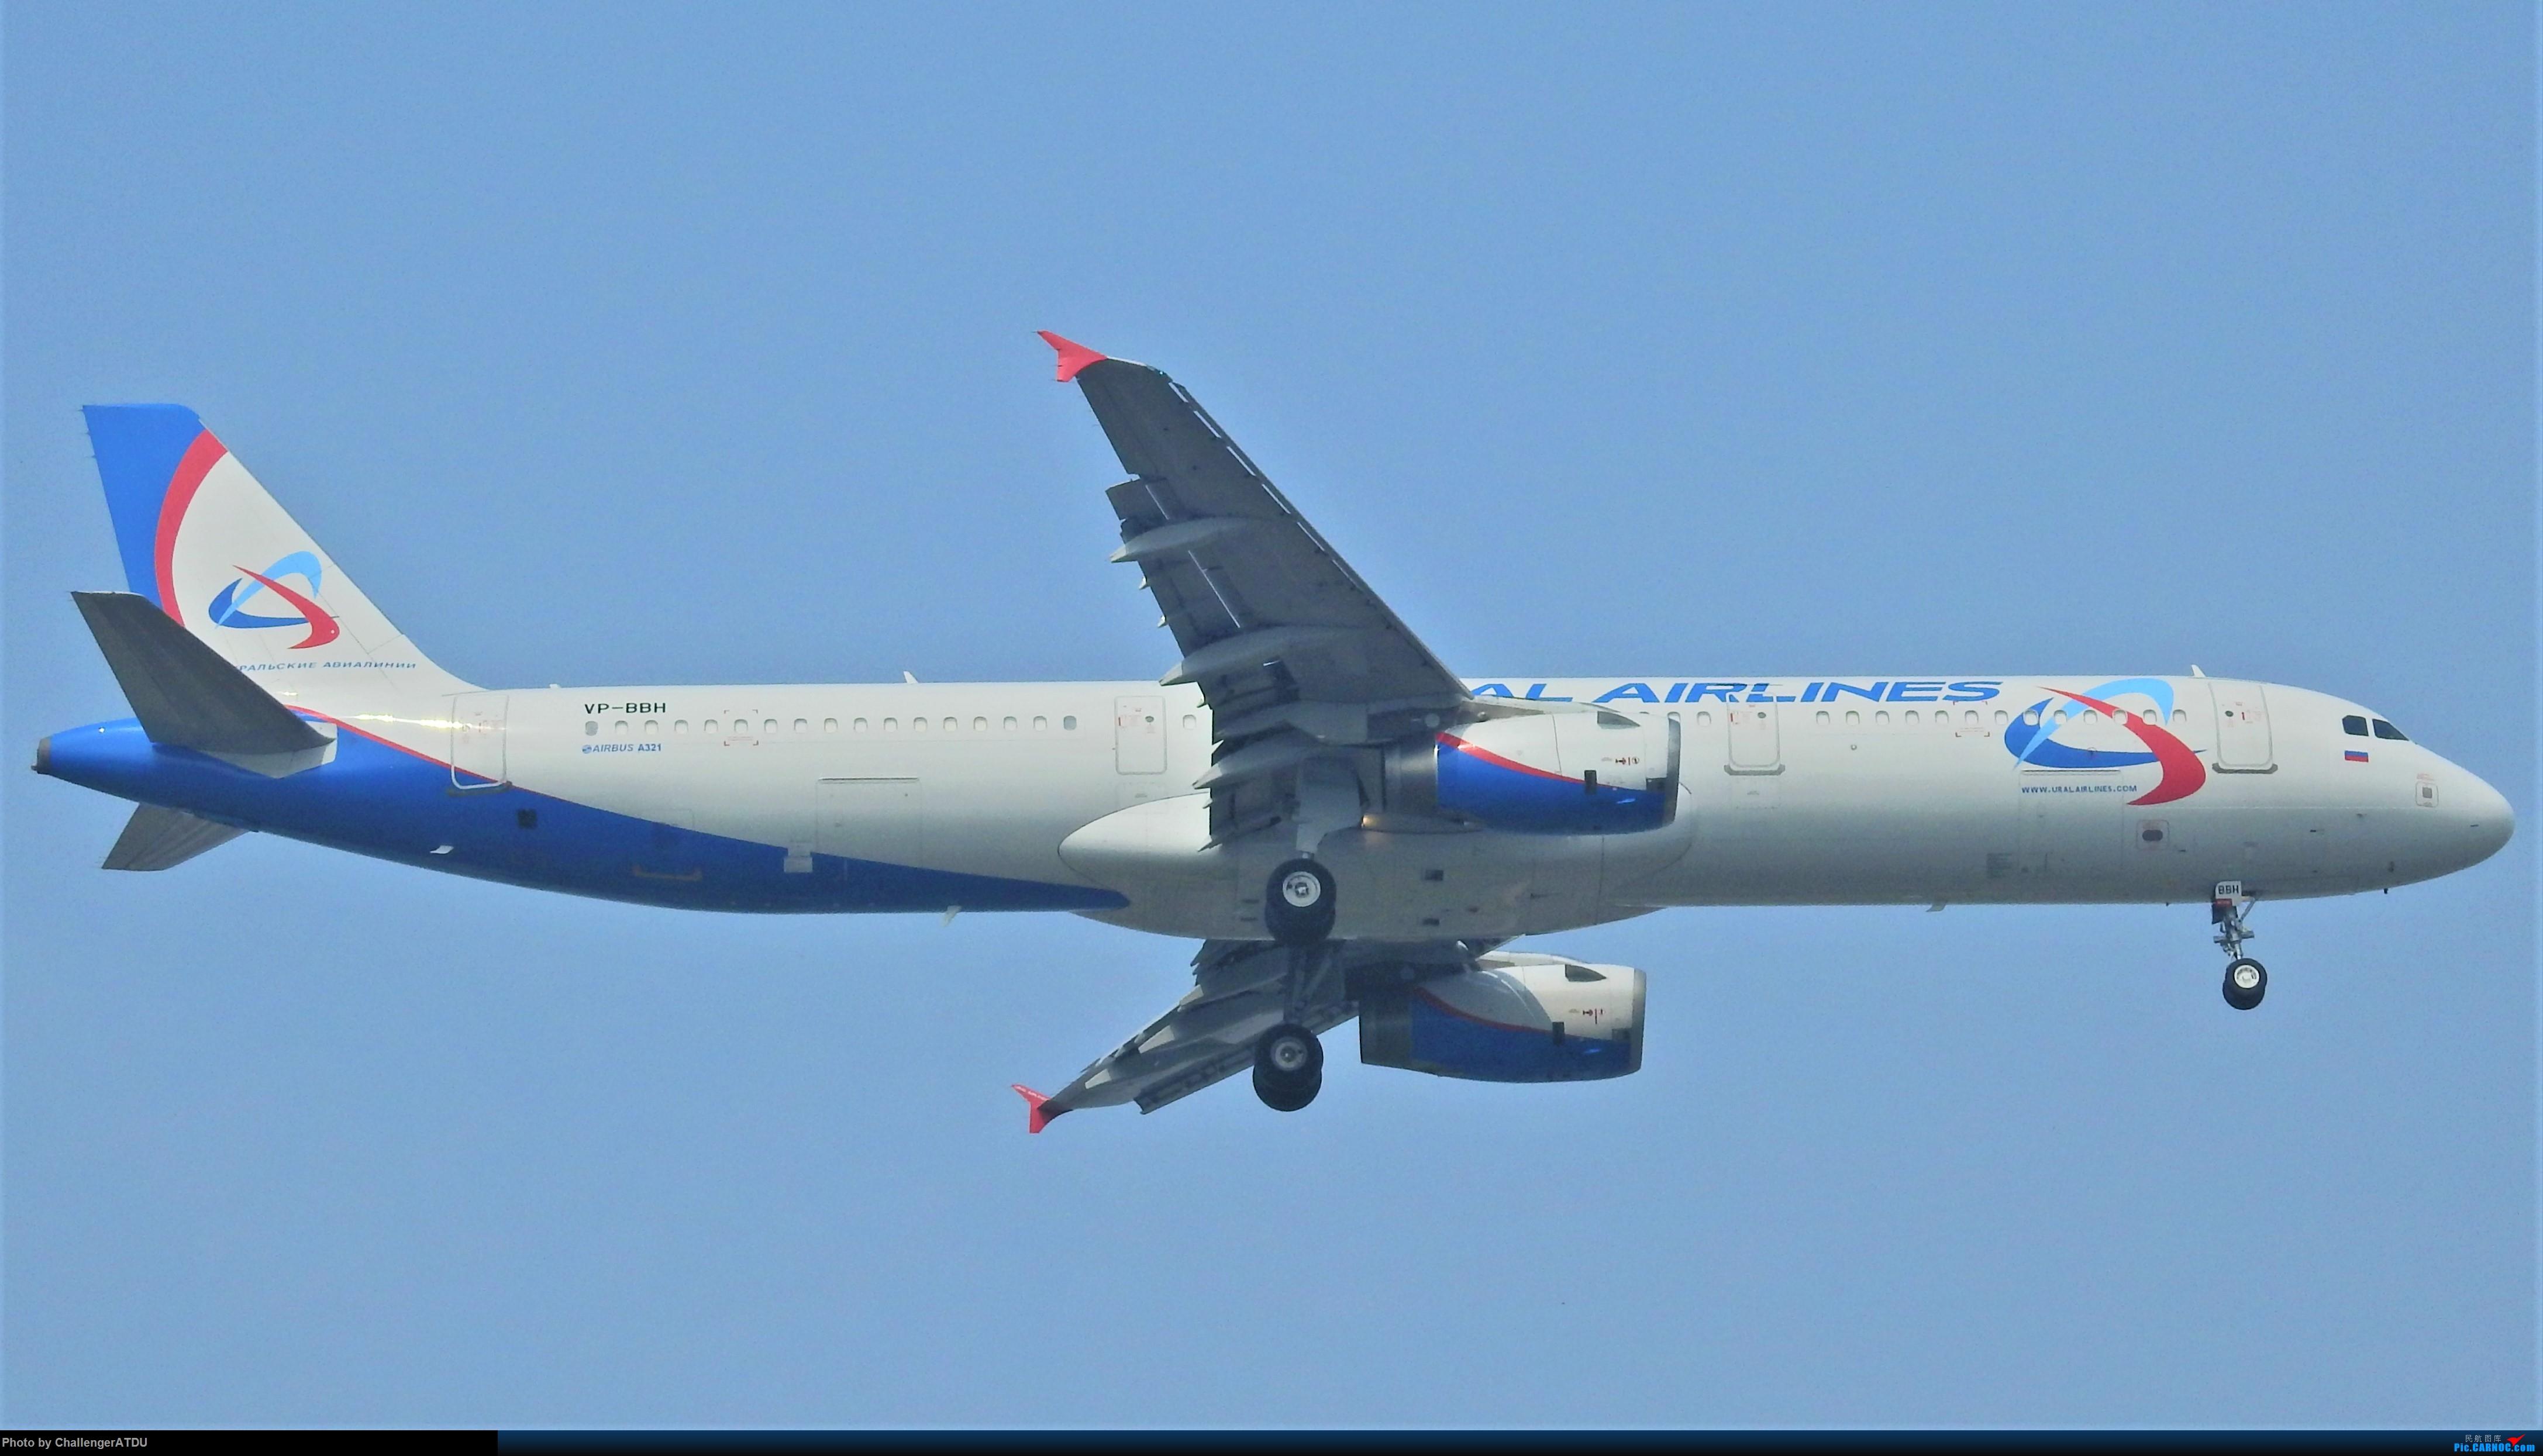 2020-5-30 萌新のPEK之旅 AIRBUS A321 VP-BBH 北京首都国际机场